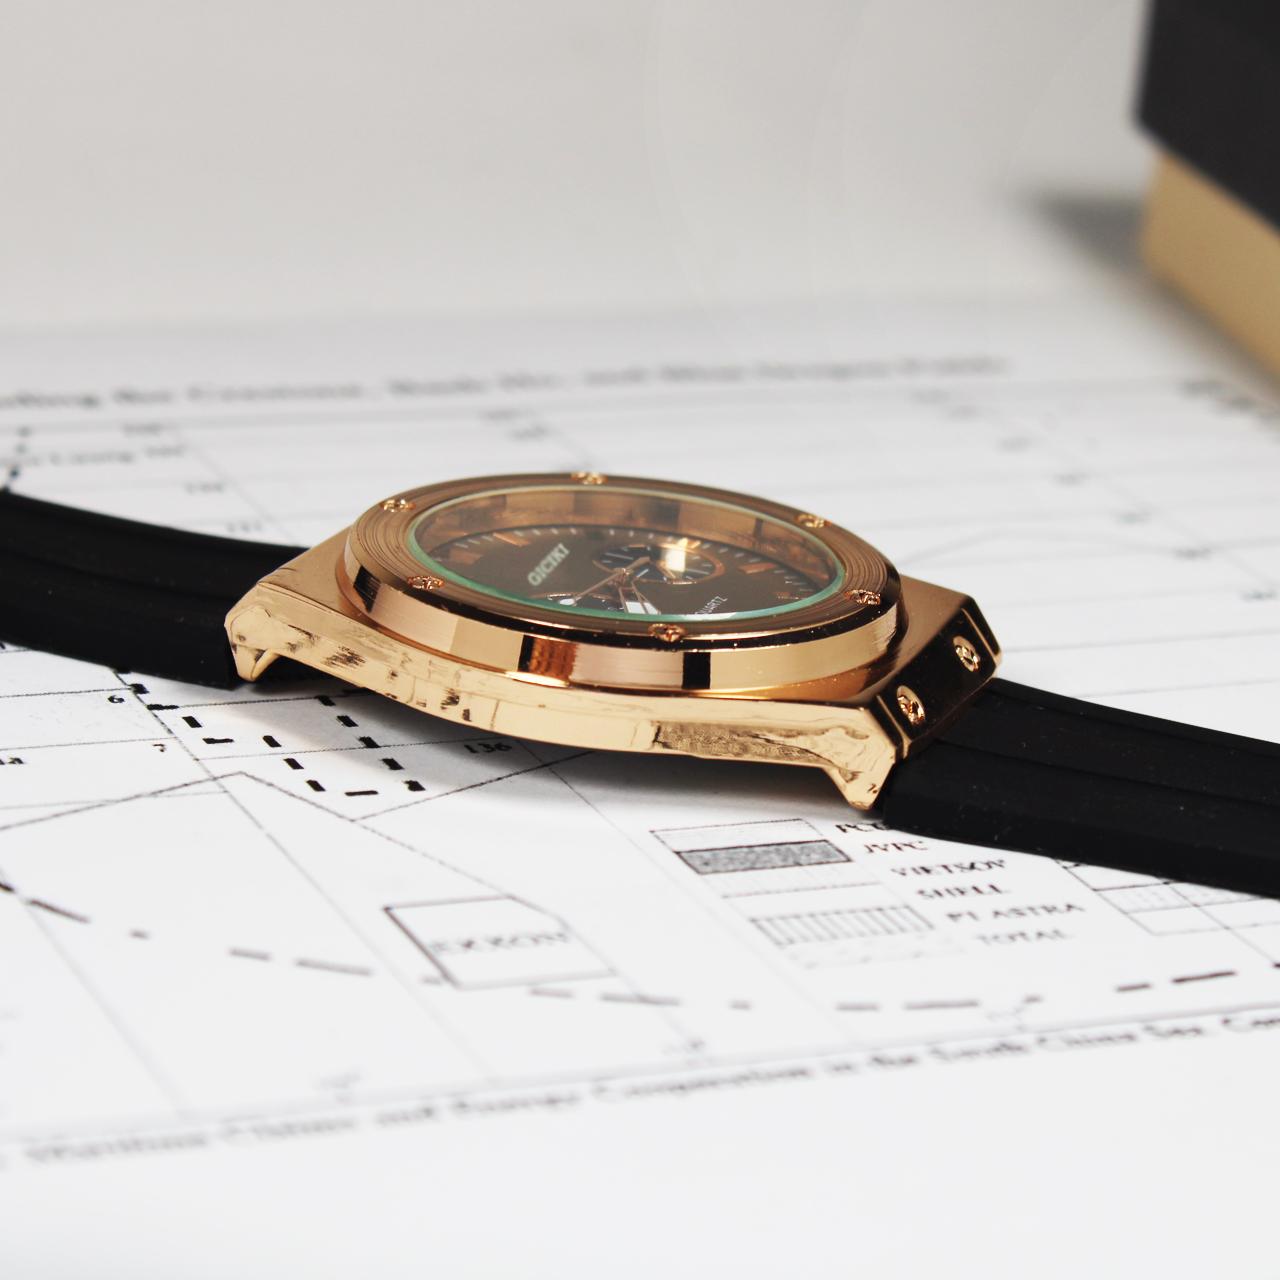 خرید اینترنتی                     ساعت مچی مردانه گیکی مدل GK-001